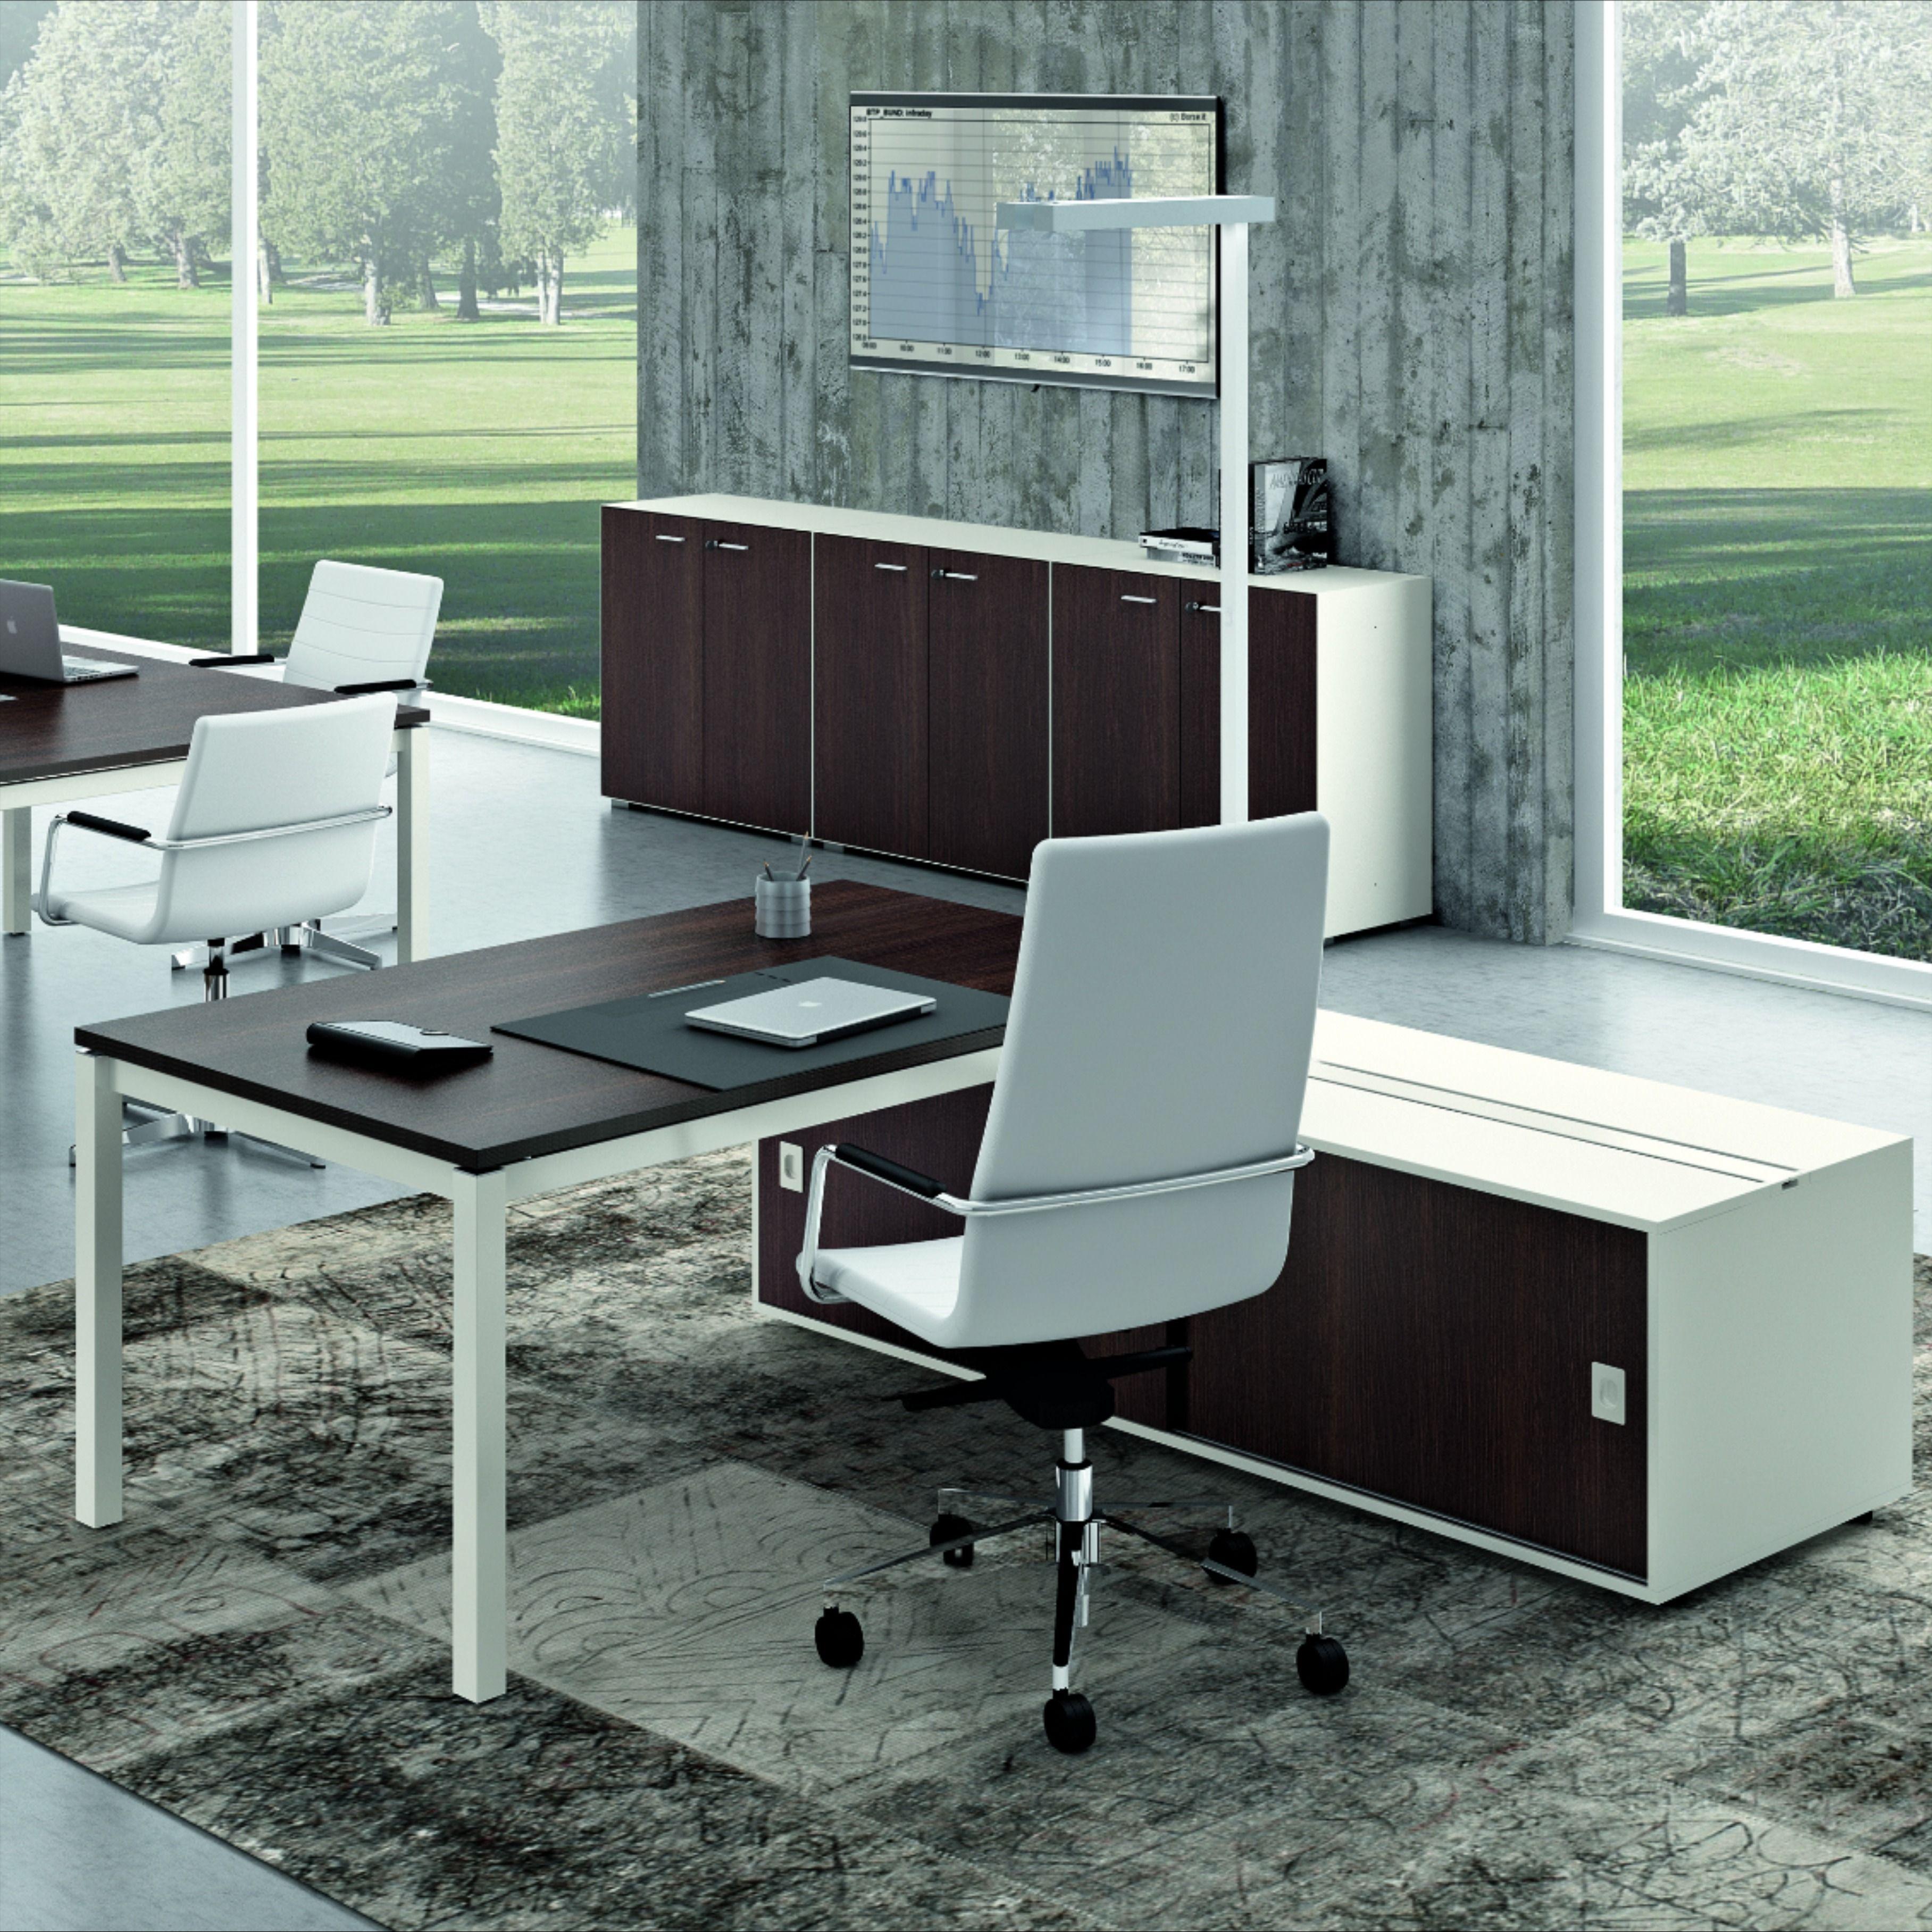 X4 Desk Quadrifoglio Group Office Furniture Mobili Per Ufficio Design Di Mobili Design Ufficio